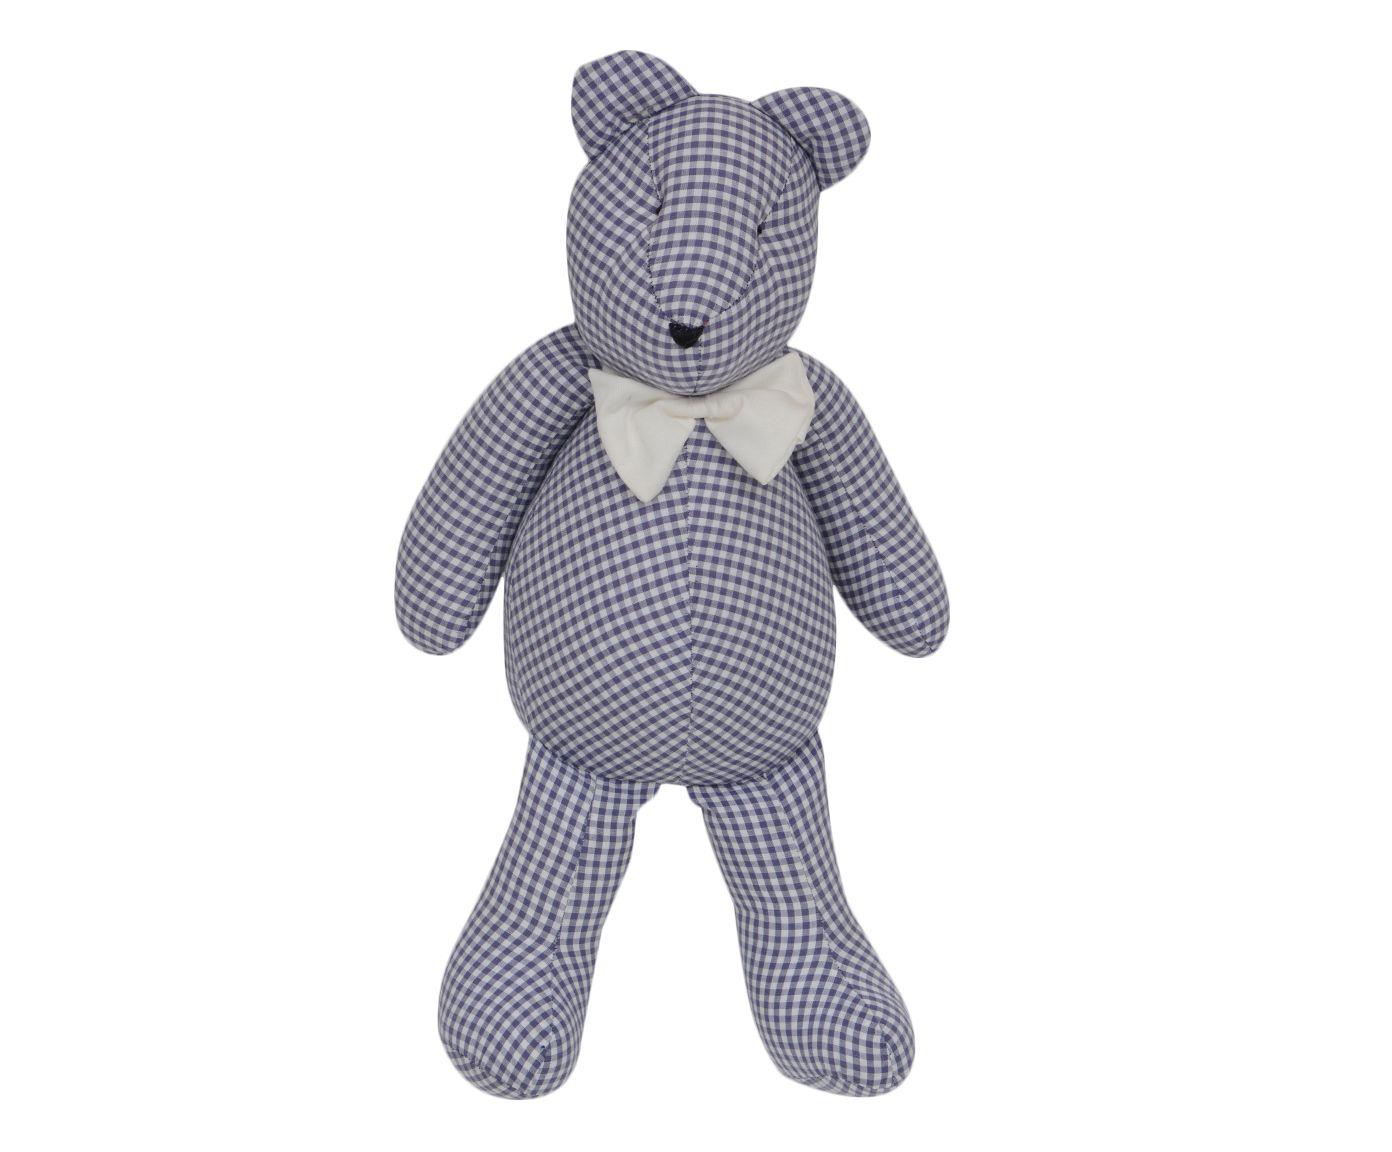 Boneco Urso Teddy - Azul Marinho | Westwing.com.br